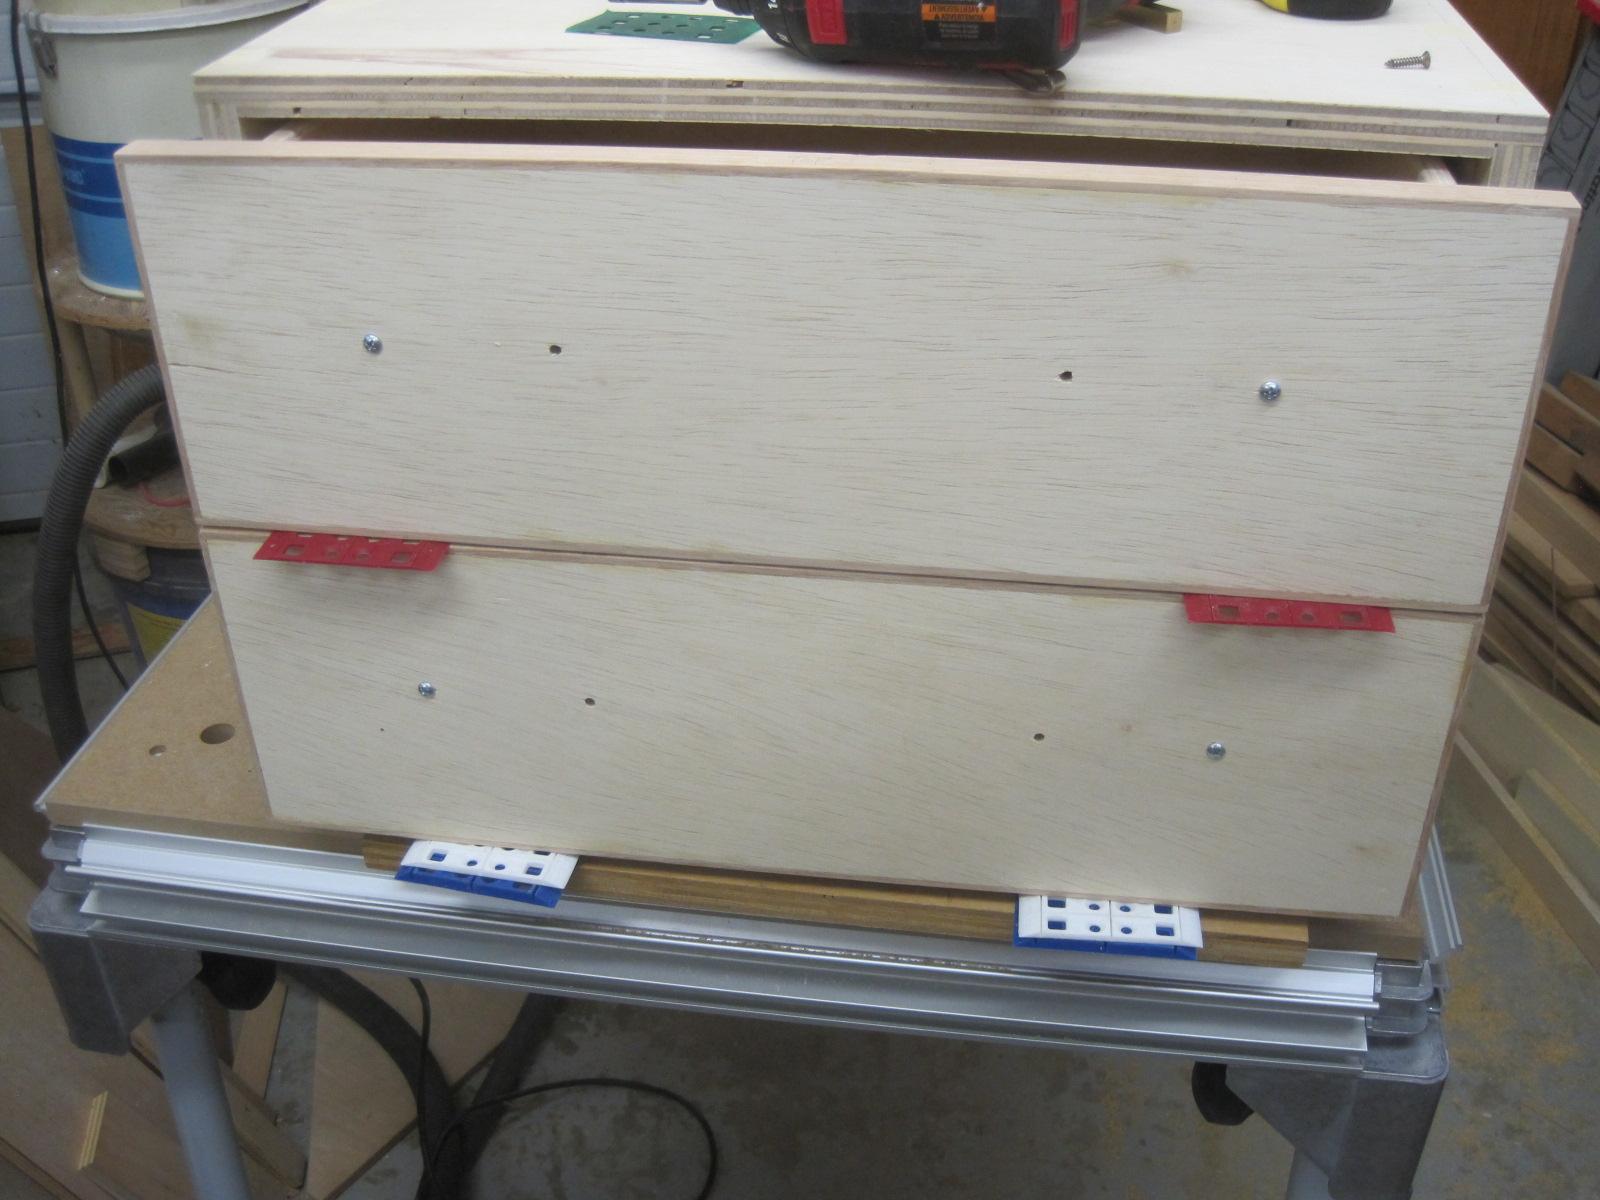 Router Bit Storage Cabinet-img_5105.jpg